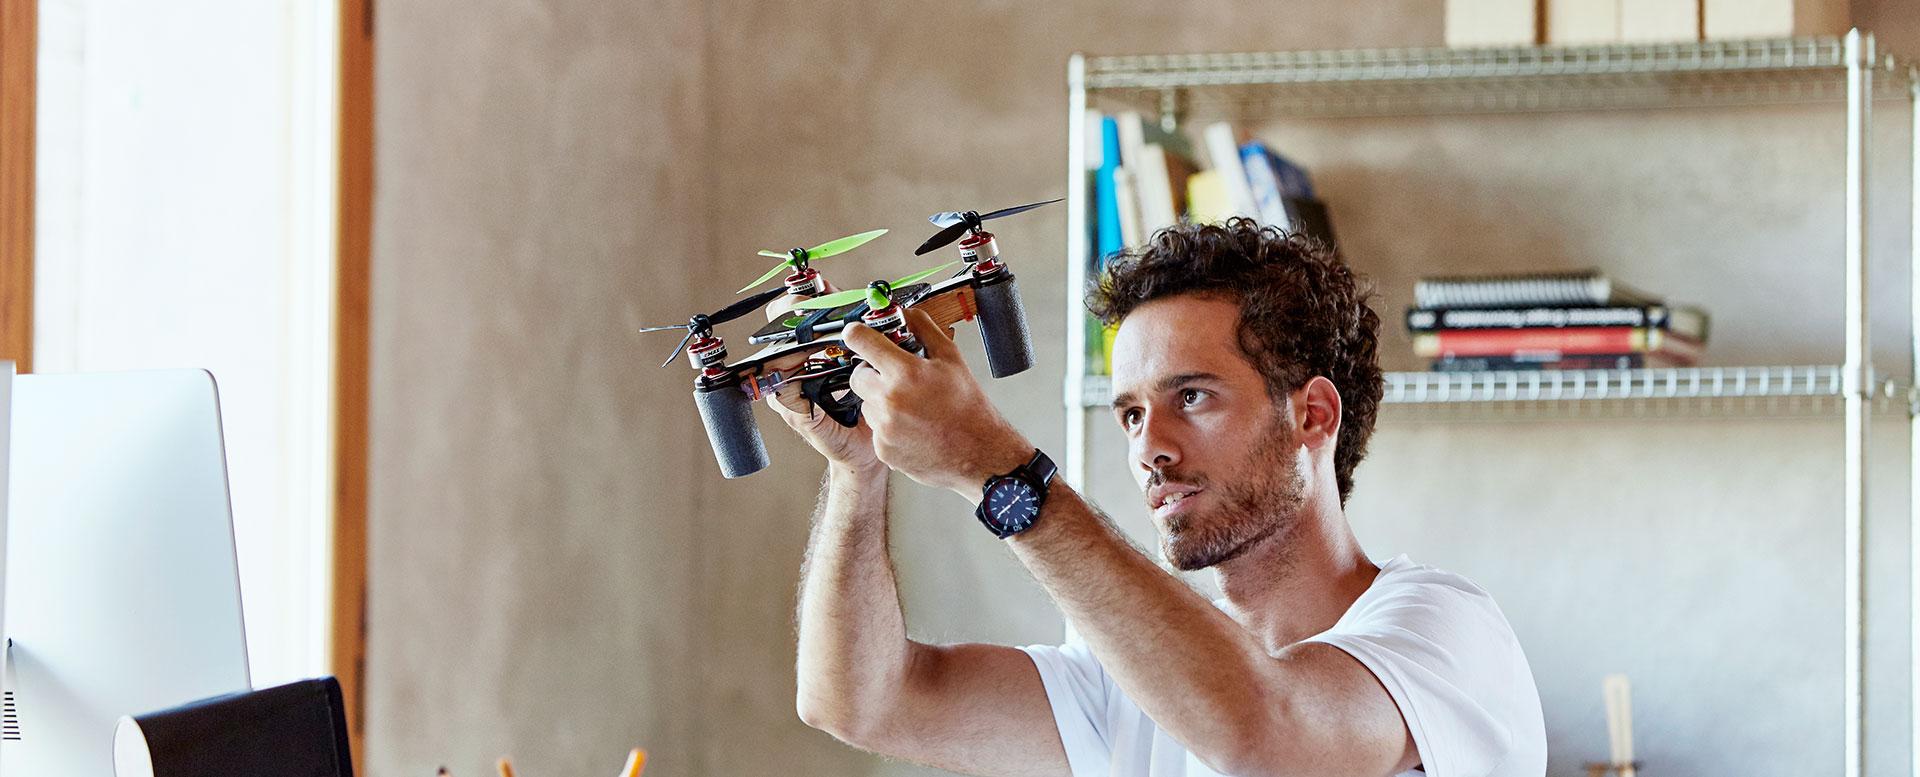 Drohnen-Gesetze